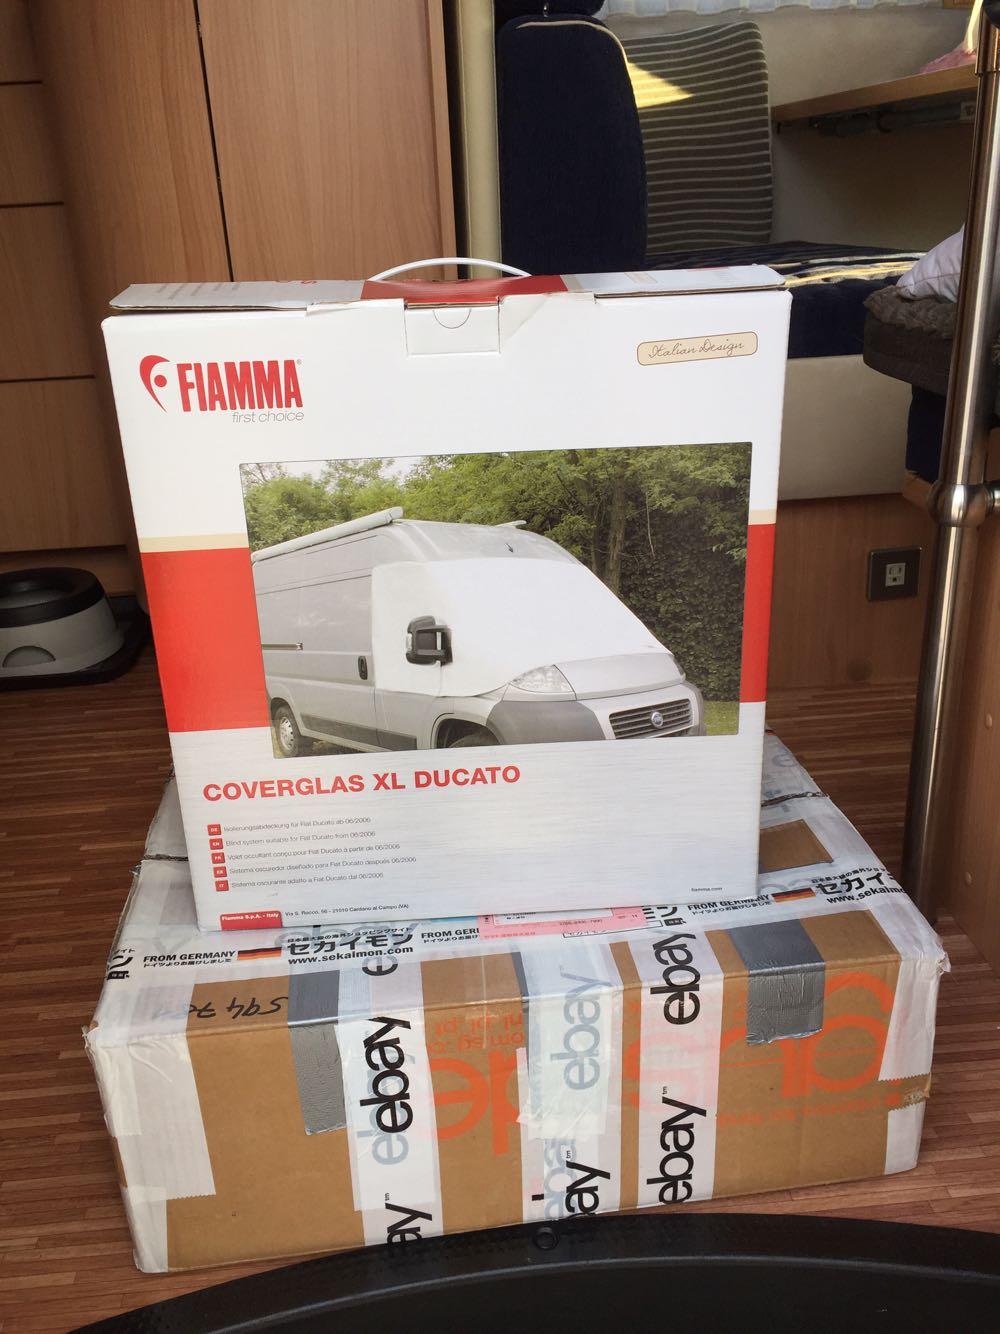 Fiamma Coverglas XL Ducato